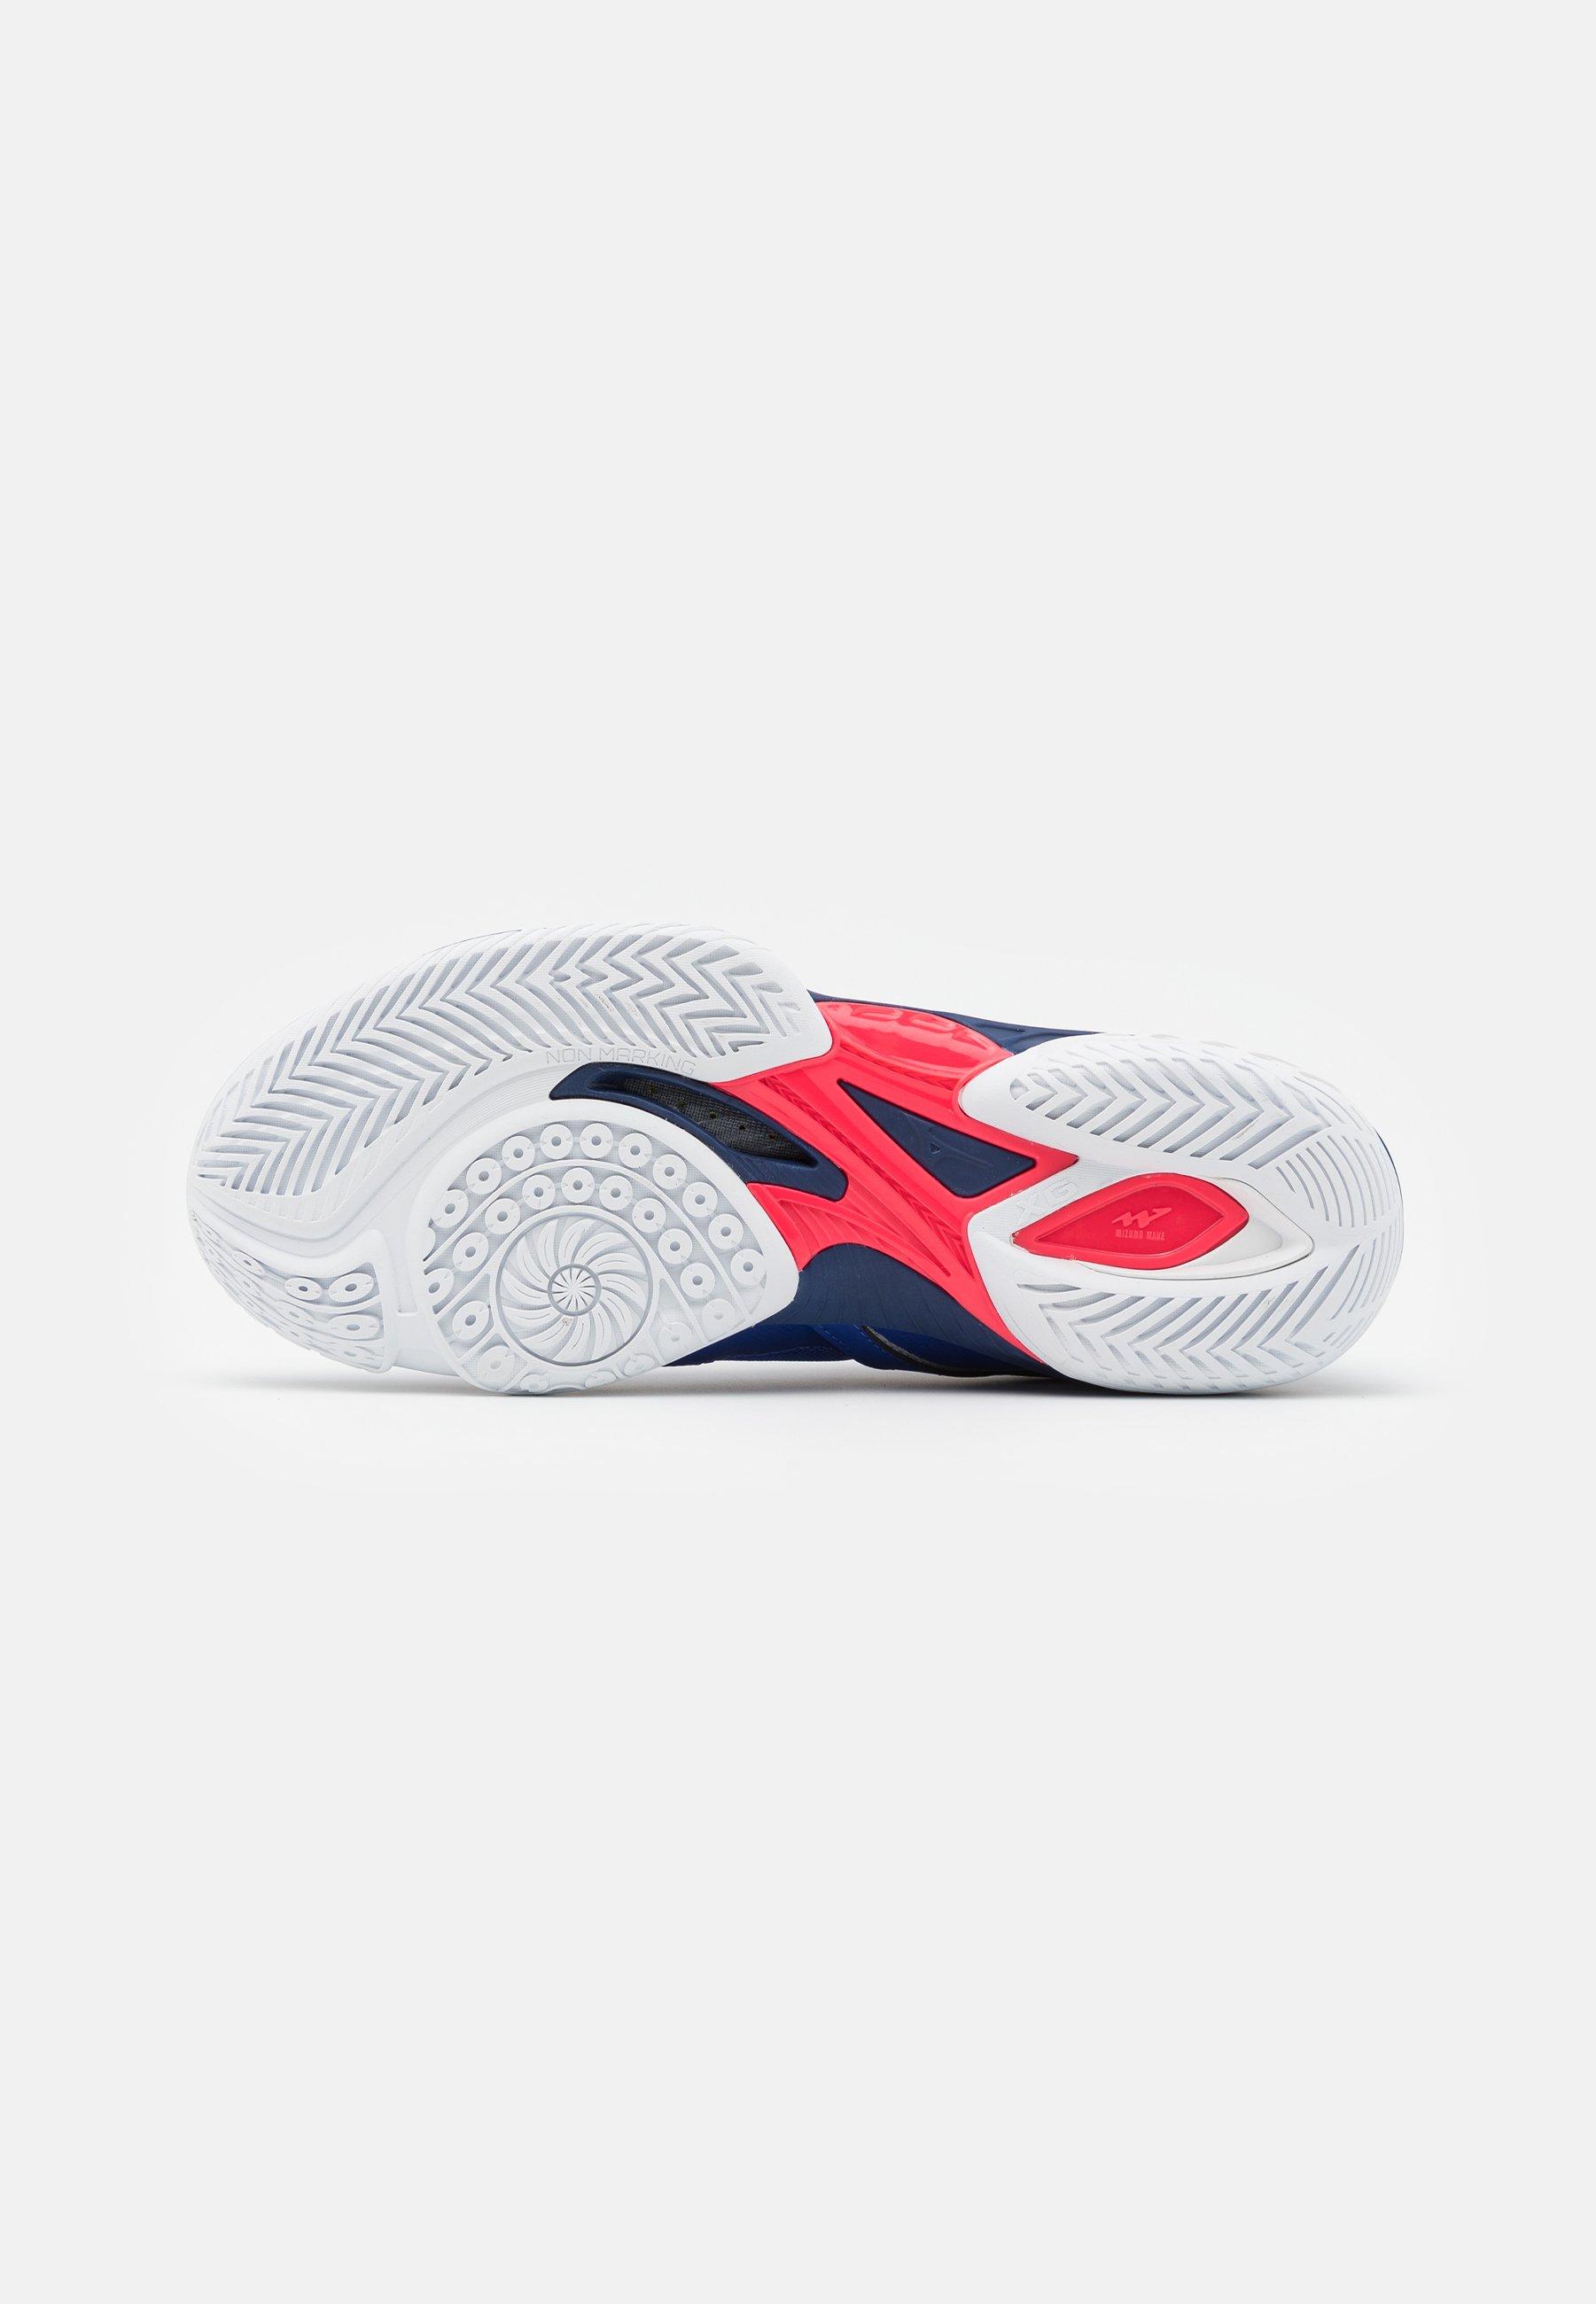 Grandi affari Scarpe da uomo Mizuno WAVE CLAW NEO Scarpe da tennis per tutte le superfici reflex blue/white